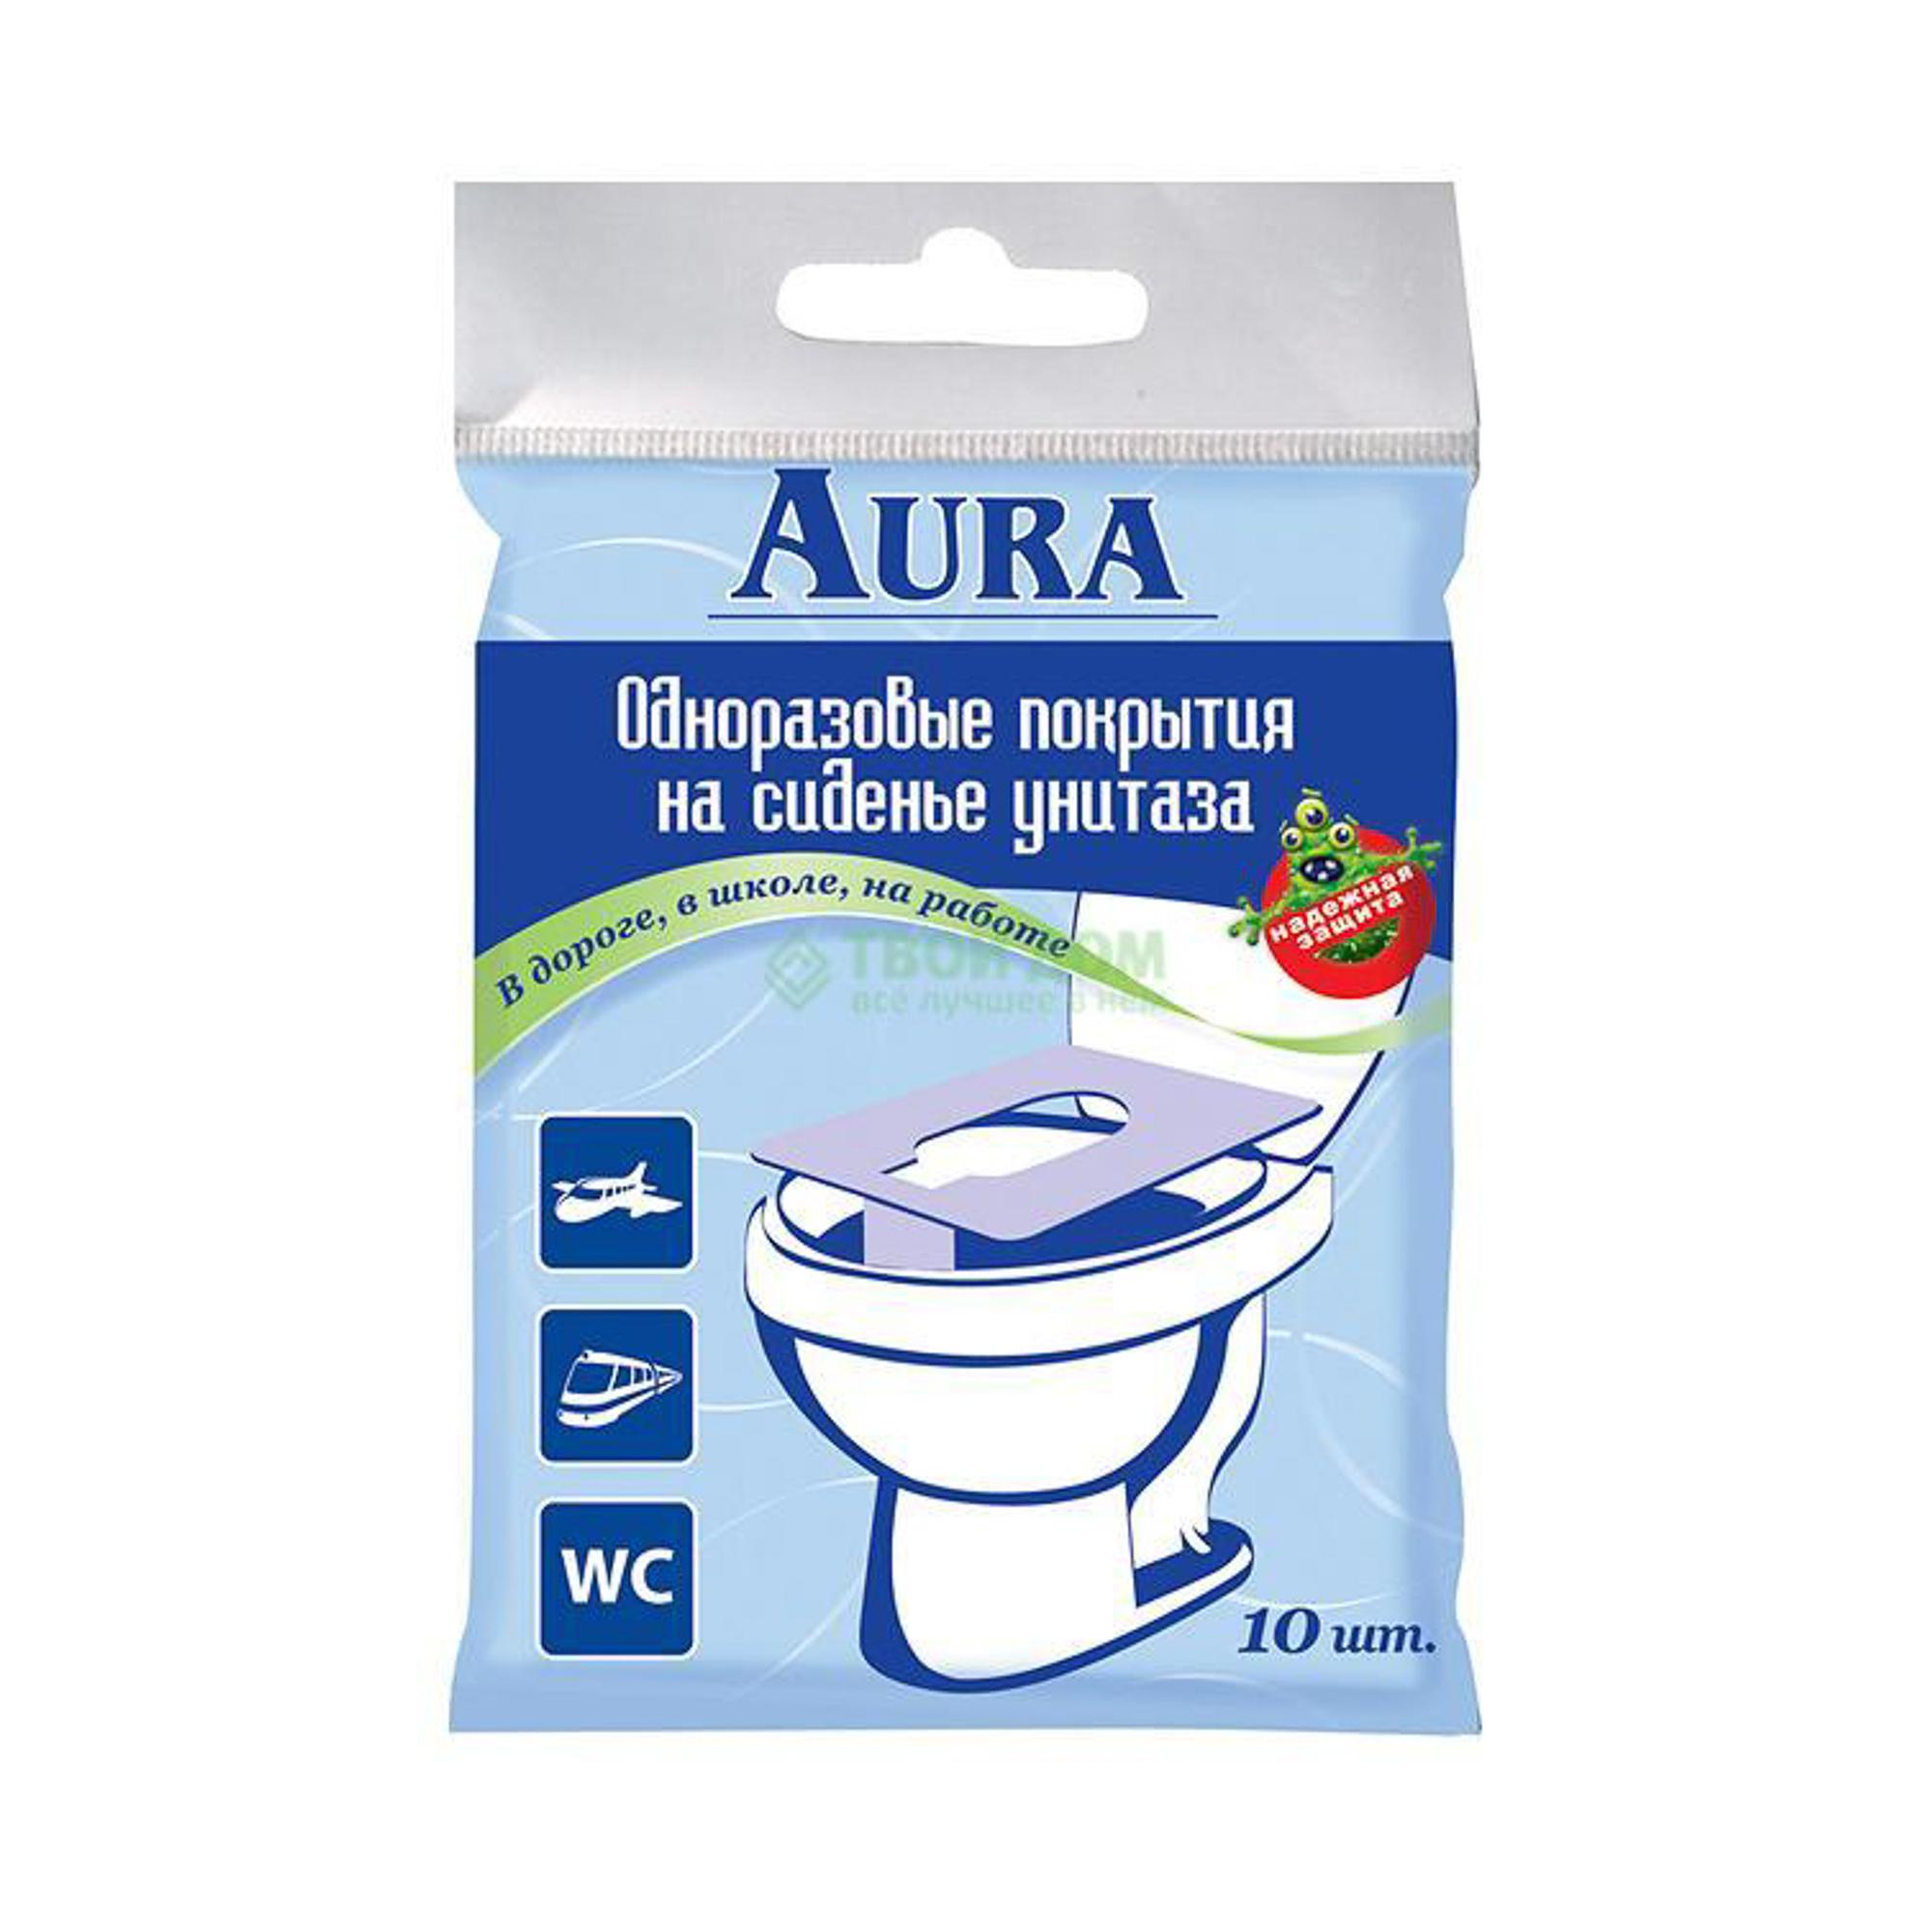 Фото - Покрытие одноразовое для унитаза Aura 10 шт (4743/4586) aura 111